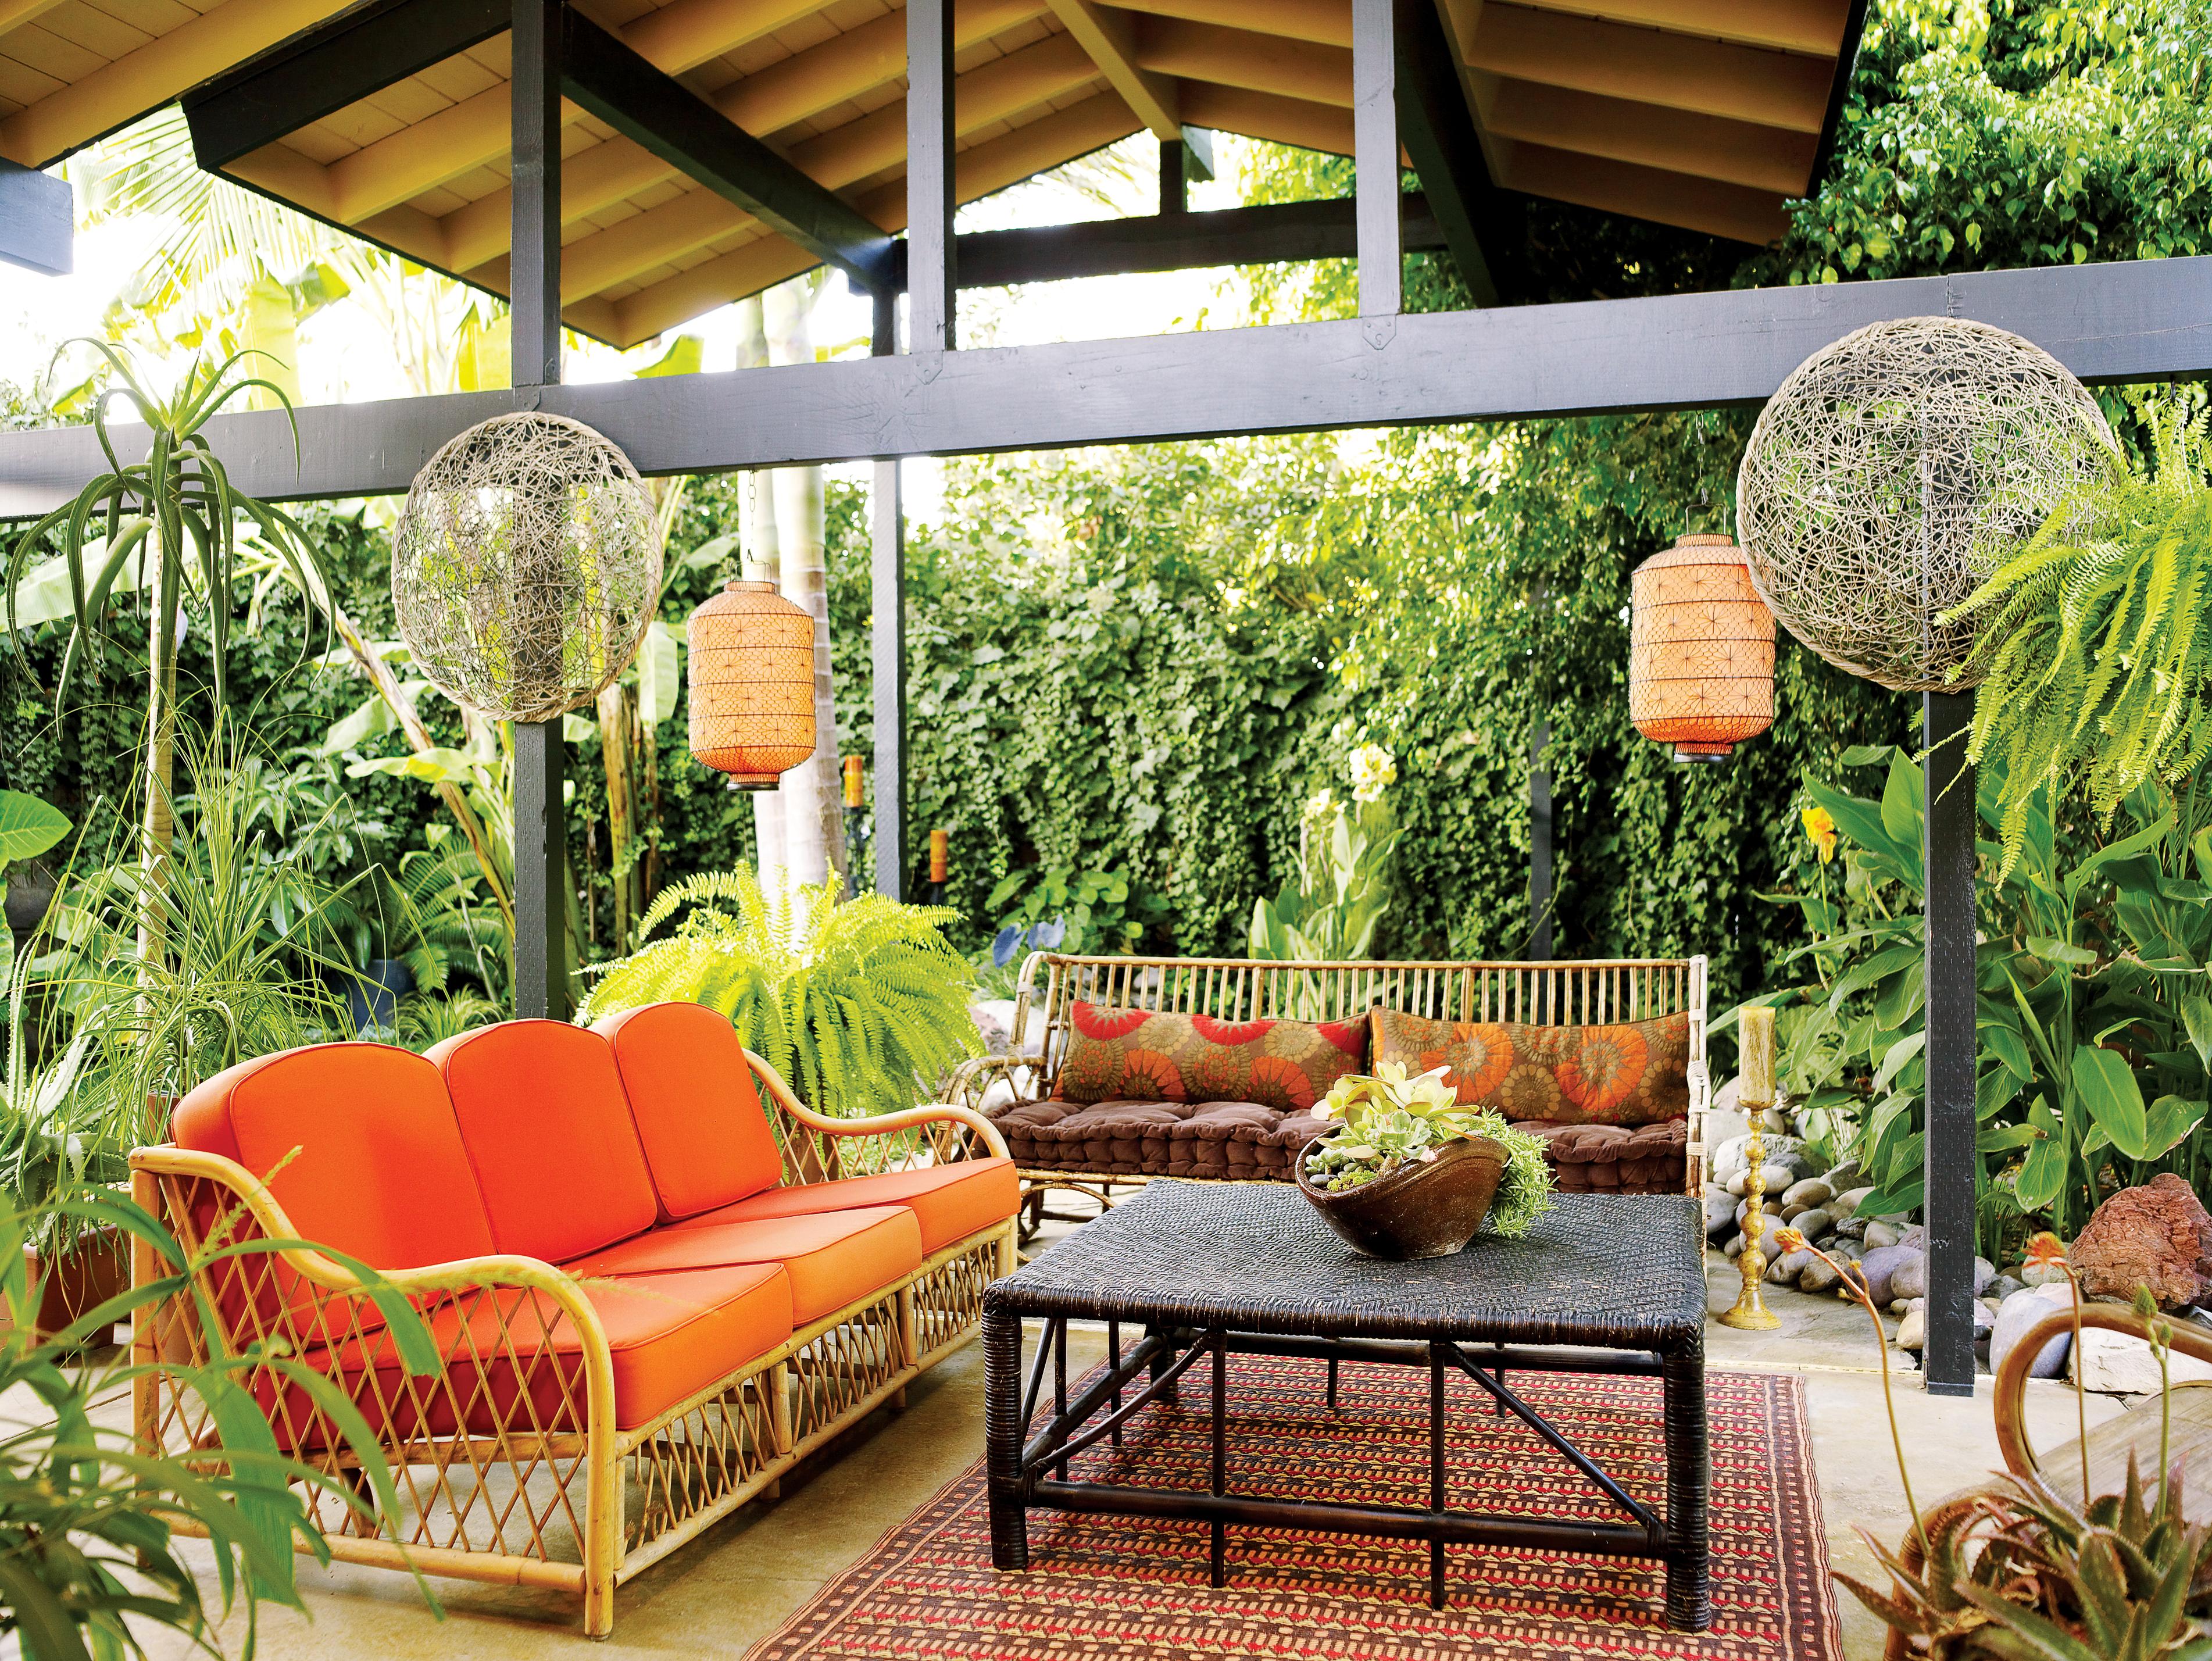 Design an Affordable Backyard Bali - Sunset Magazine